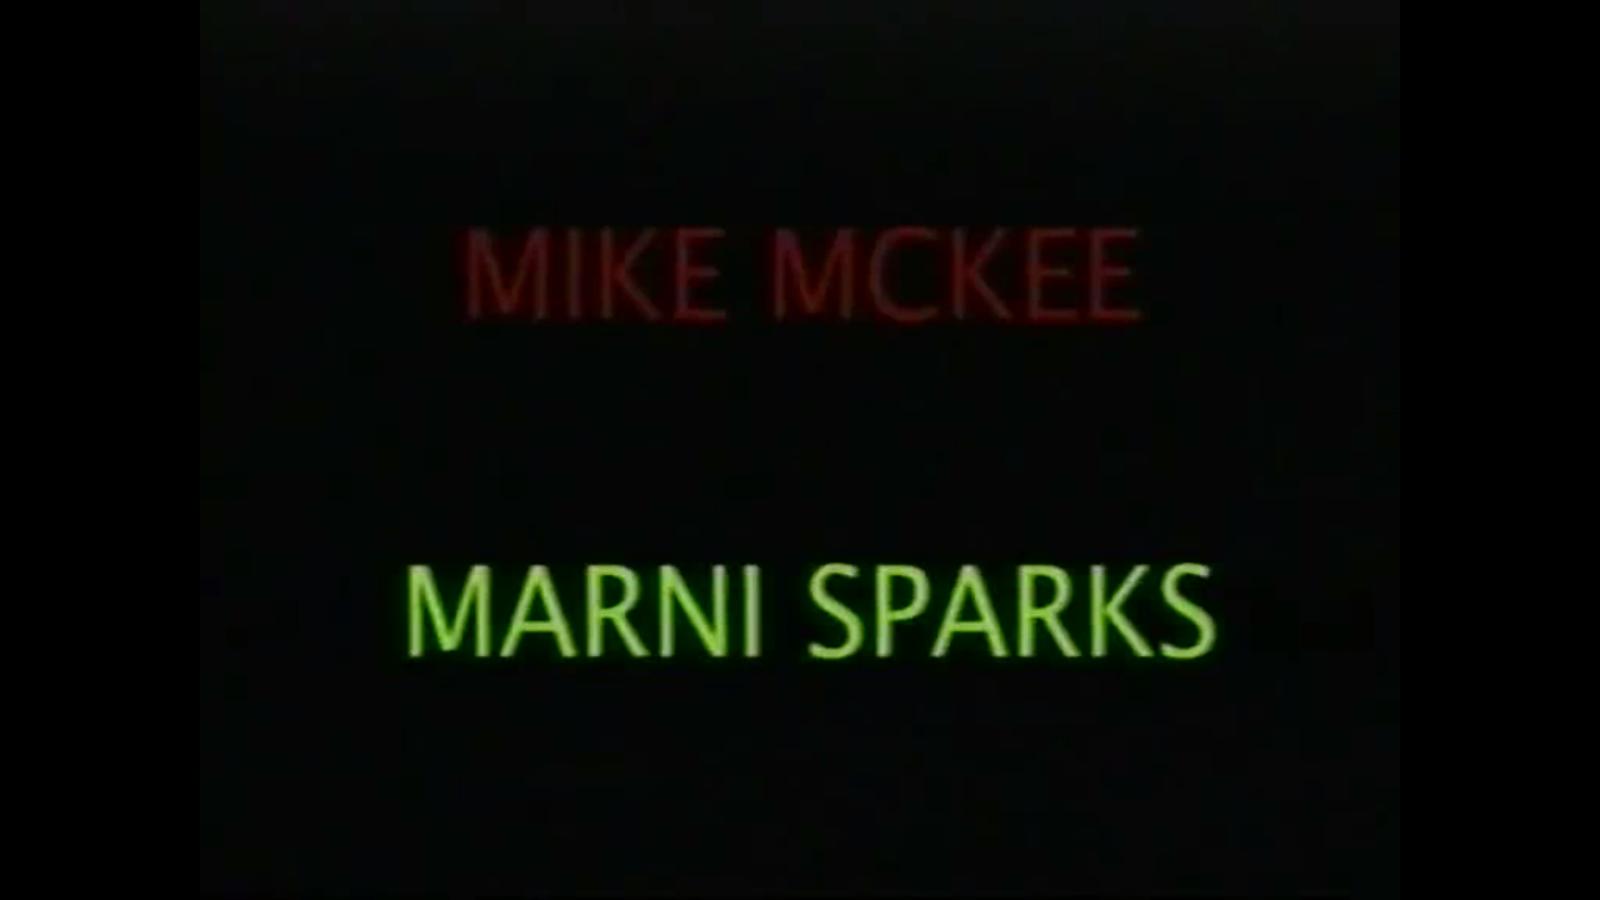 mike mckee reaally niaga que nombre tan horrible.png